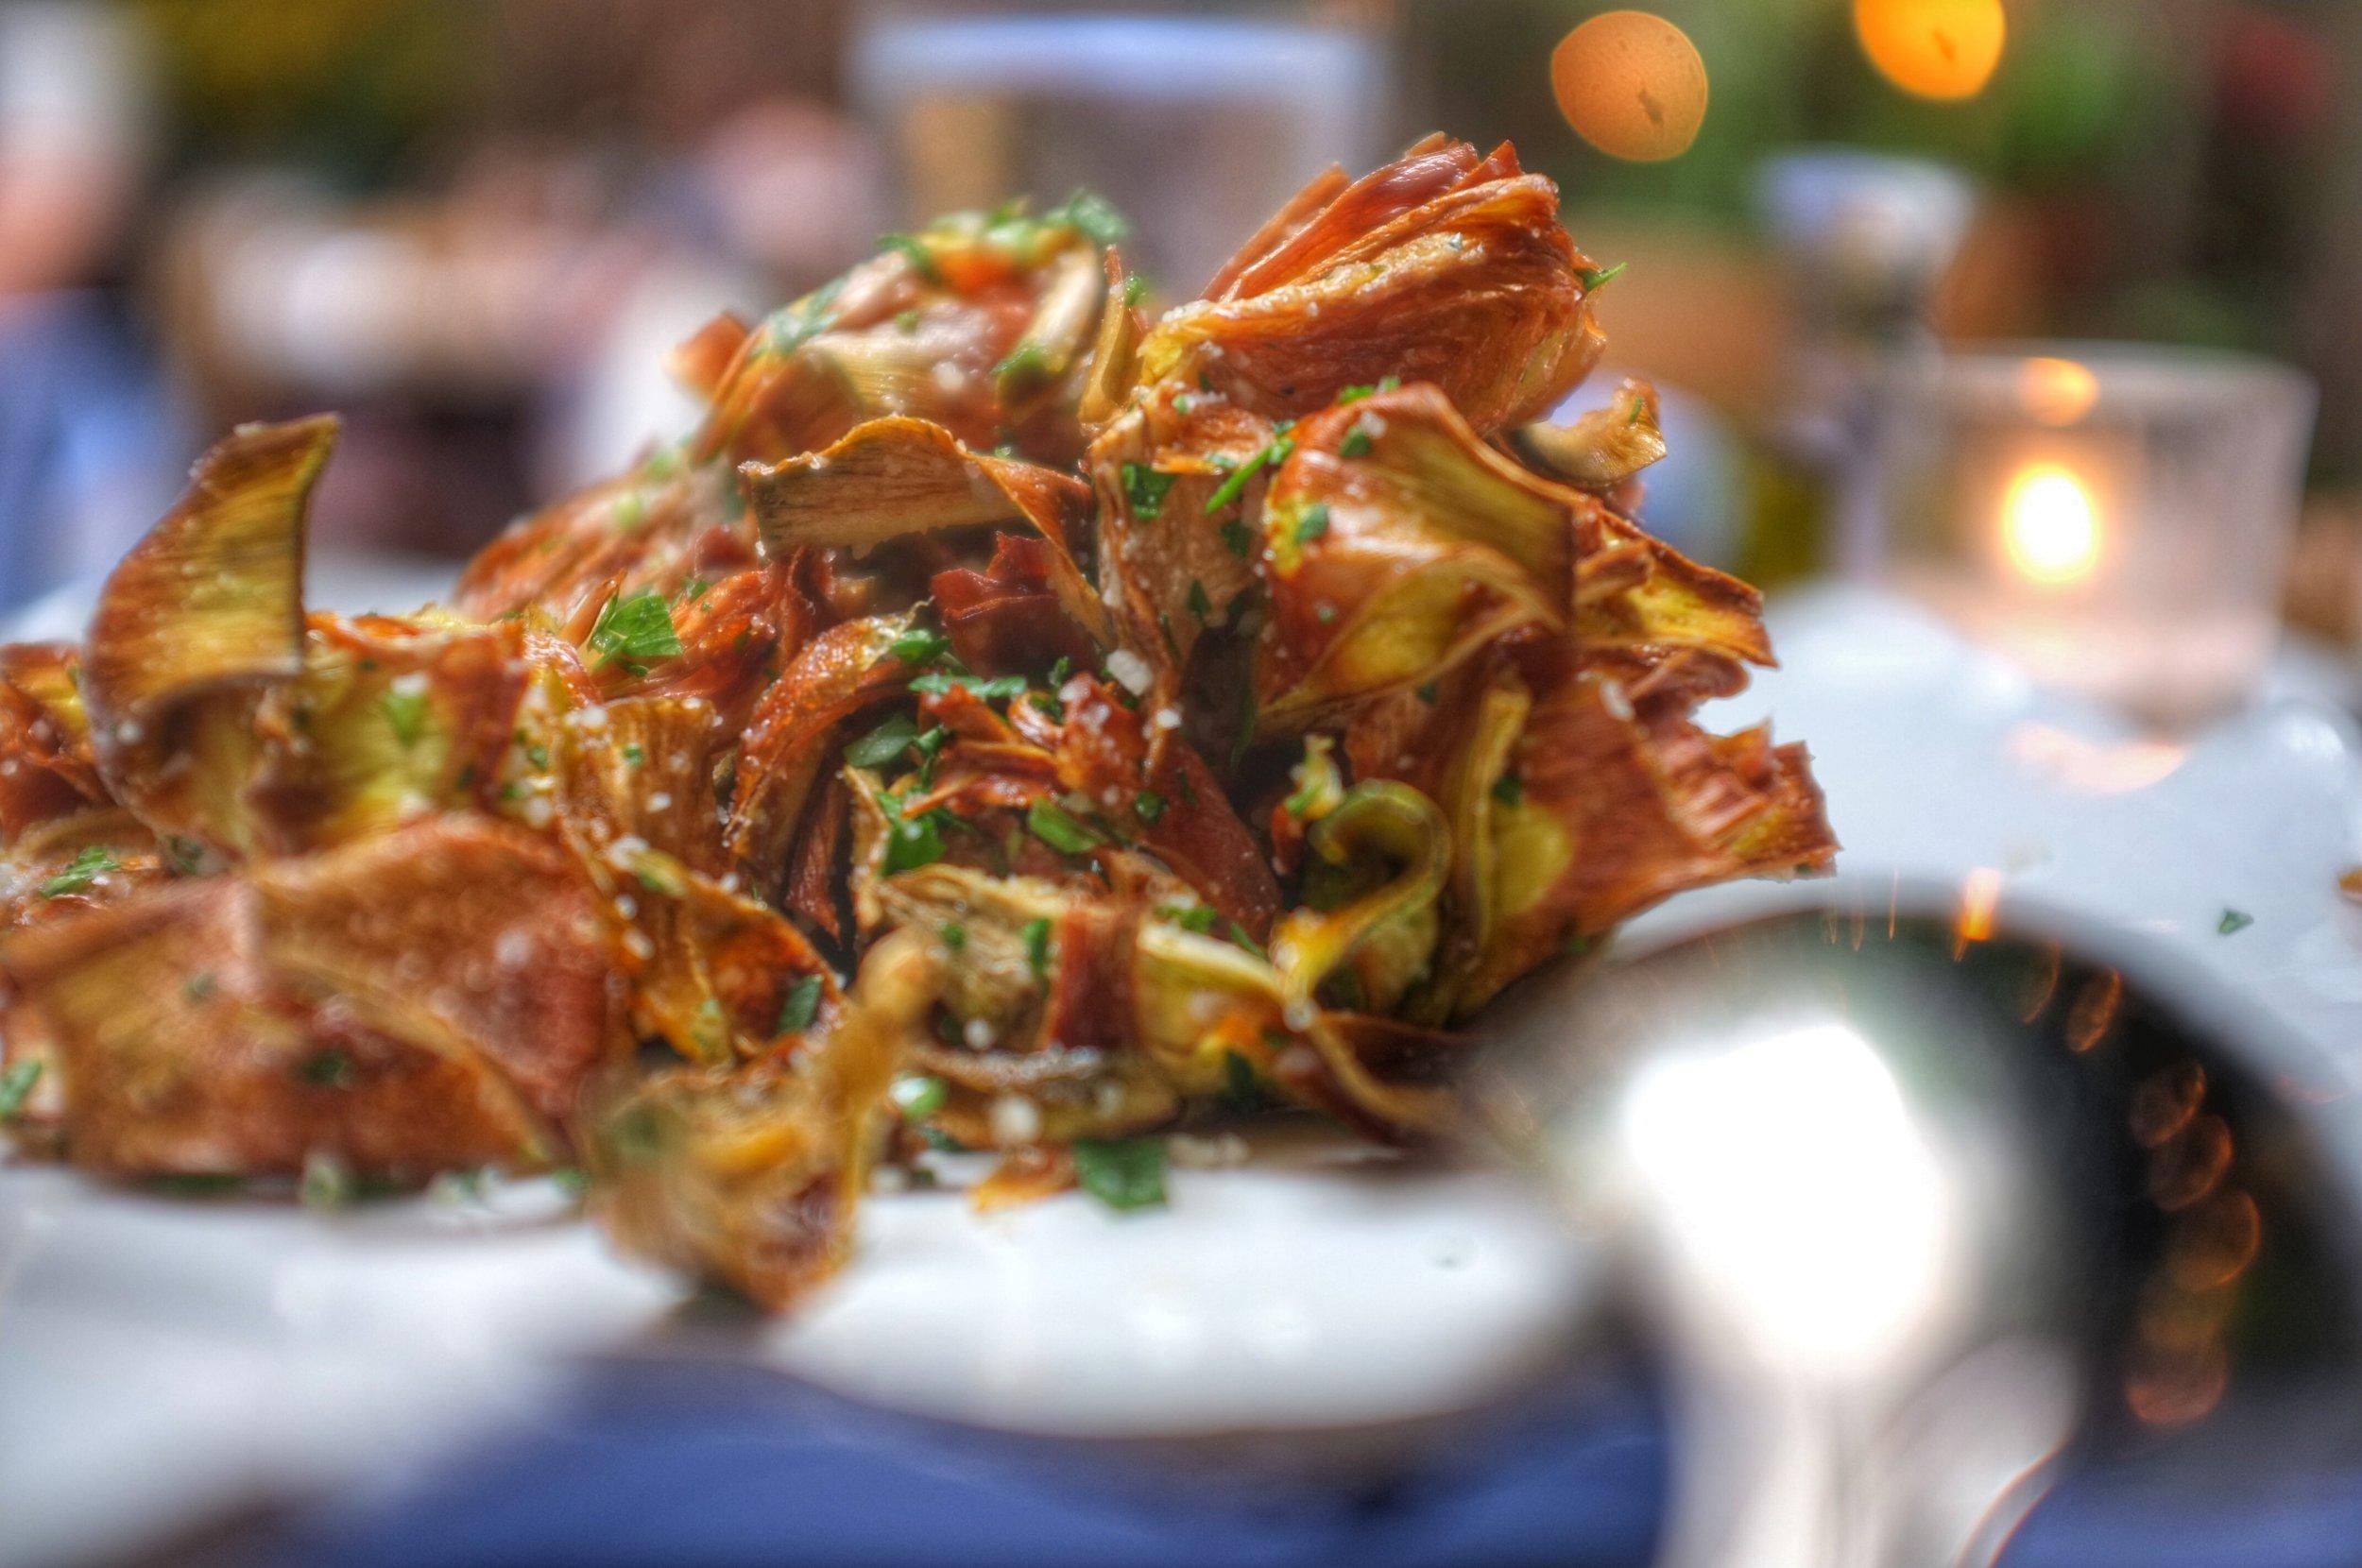 Carciofi Croccanti  - Crispy baby artichoke hearts with parmigiano and parsley